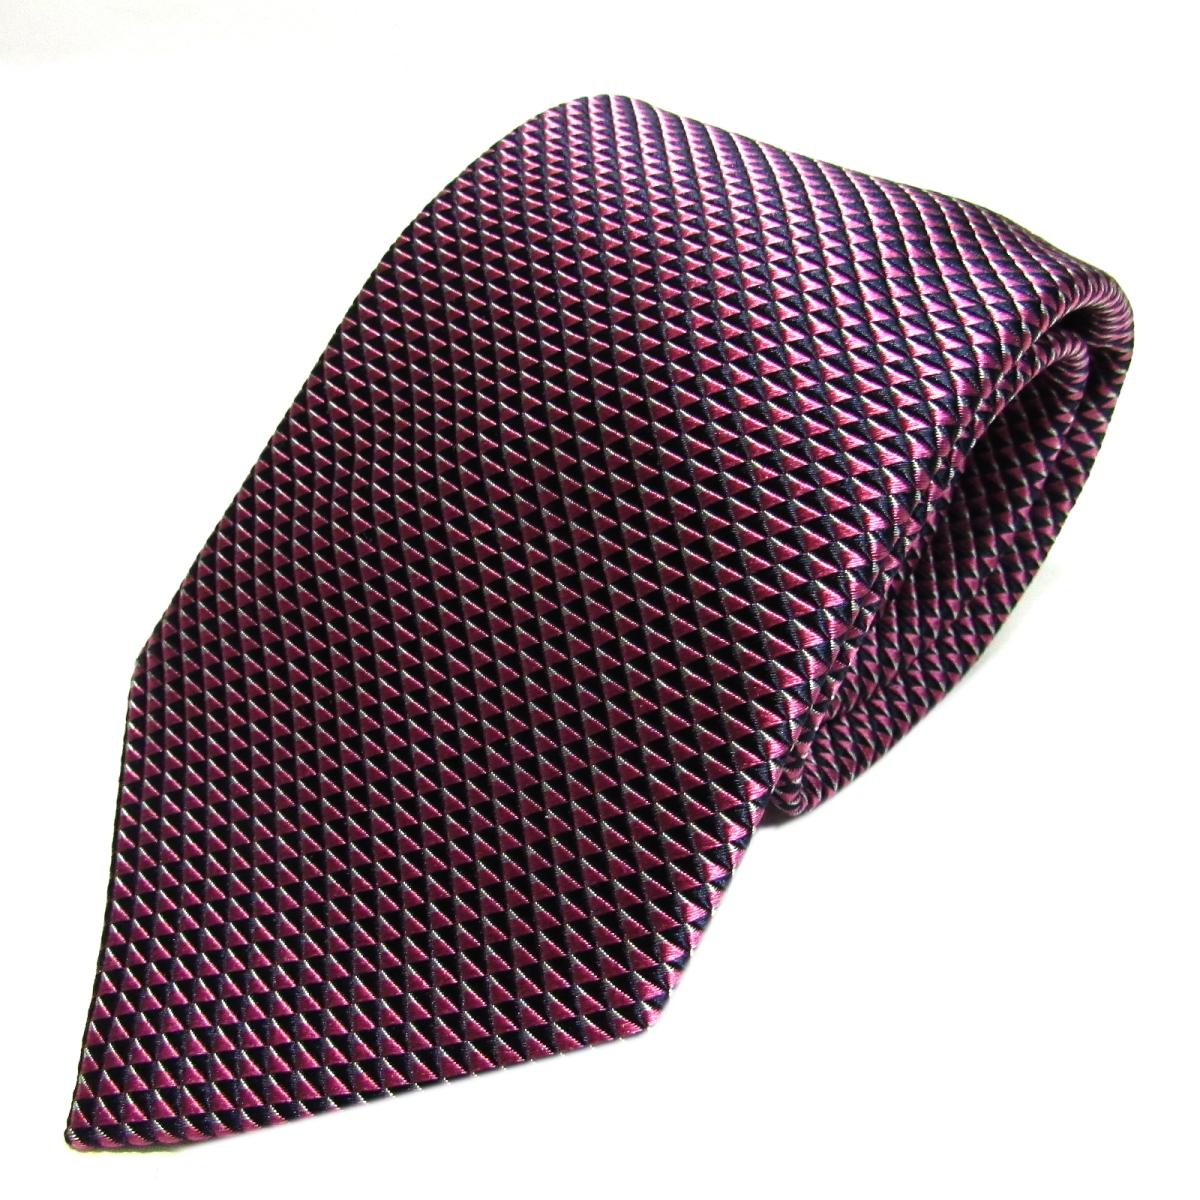 エンポリオアルマーニ ネクタイ メンズ シルク ピンク x ブラック | EMPORIO ARMANI ネクタイ 新品 ブランドオフ BRANDOFF